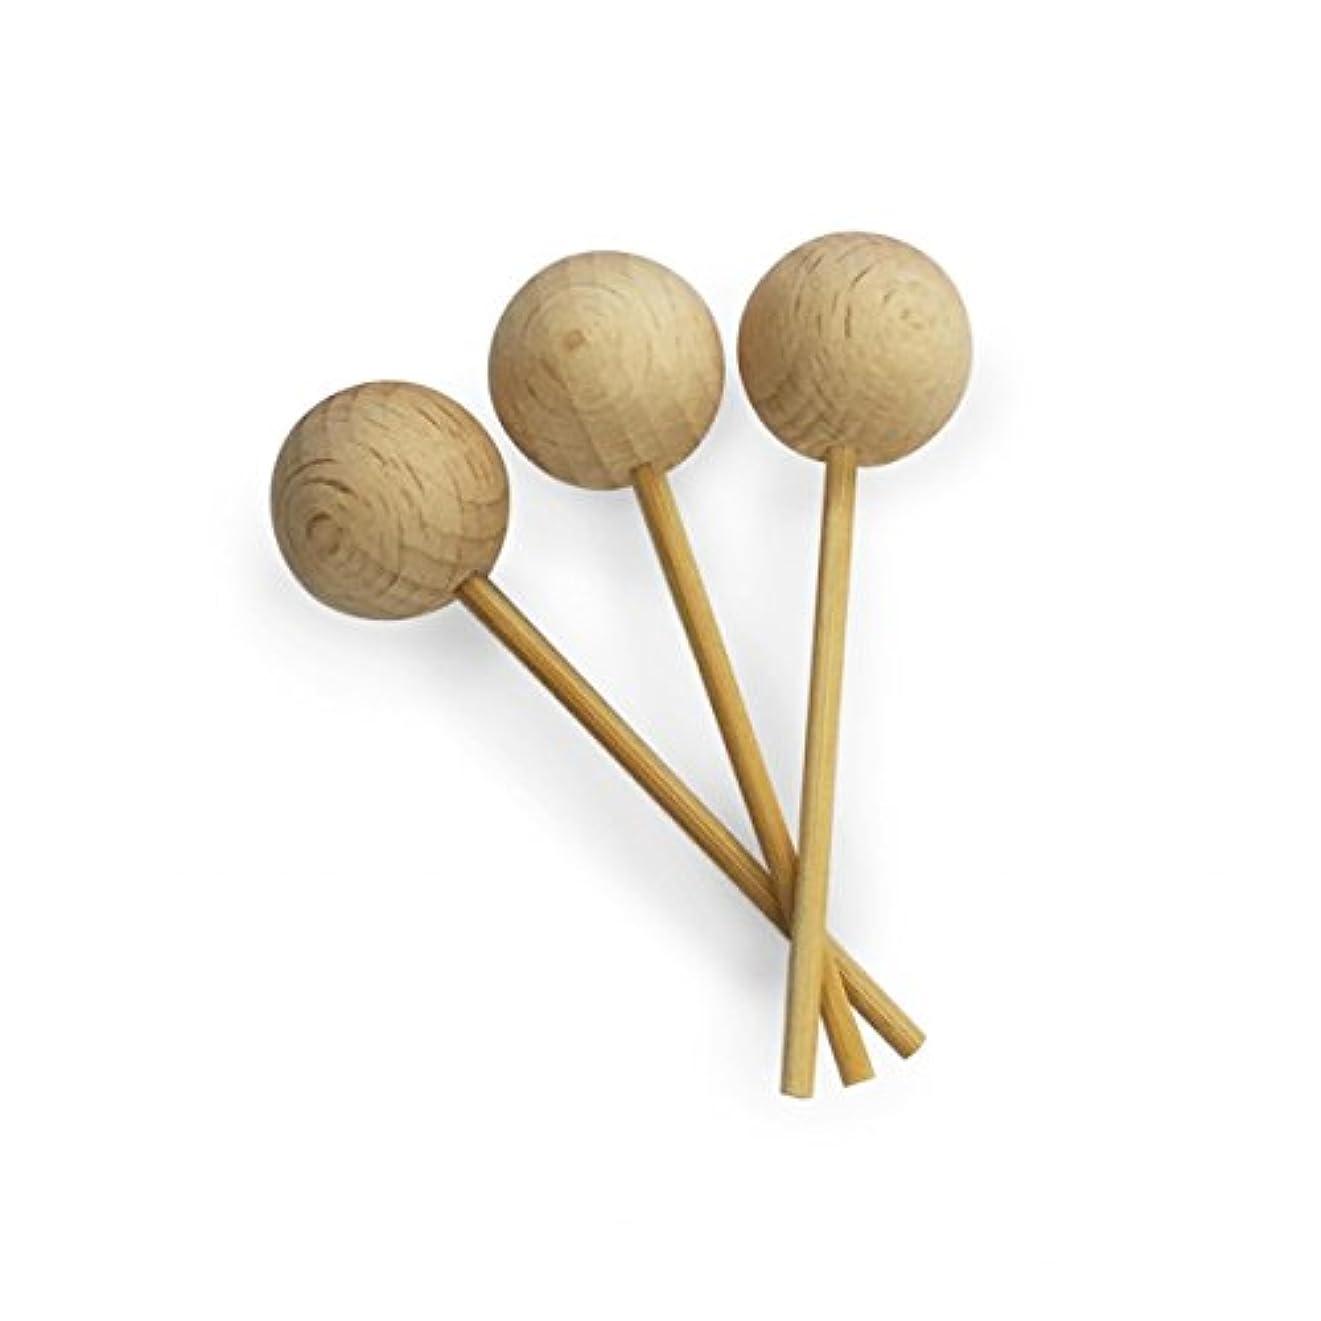 最初はお祝い暗黙カリス成城 アロマ芳香器 木のお家 交換用木製スティック3本入